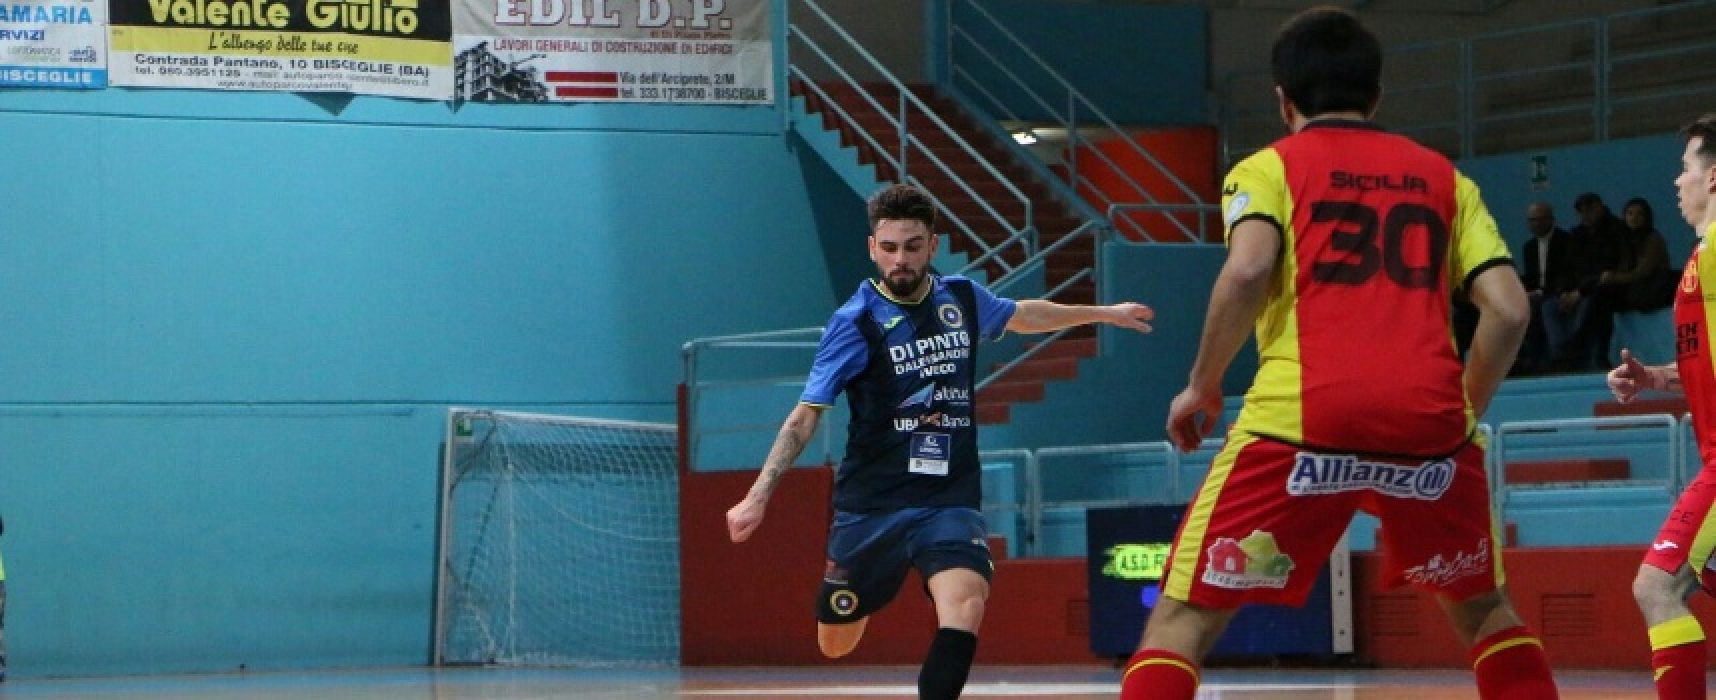 """Futsal Bisceglie, al Paladolmen arriva la Salinis; Milucci: """"La vittoria è la miglior medicina per tutti i problemi"""""""